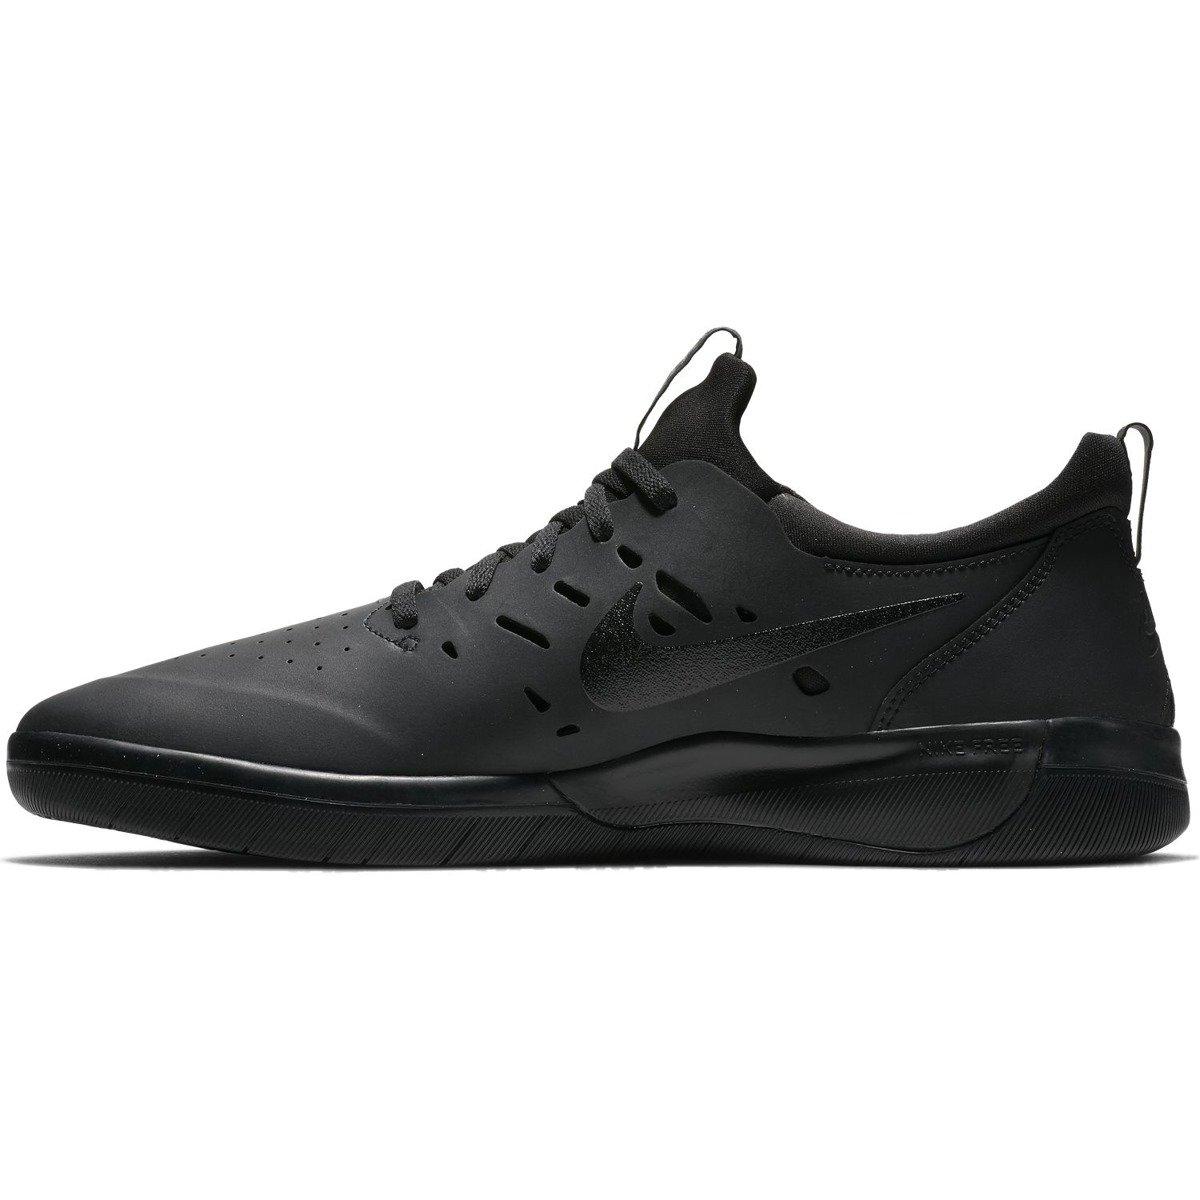 3df884c17161e shoes nike sb nyjah free Black/black-black black | Shoes \ Nike SB ...